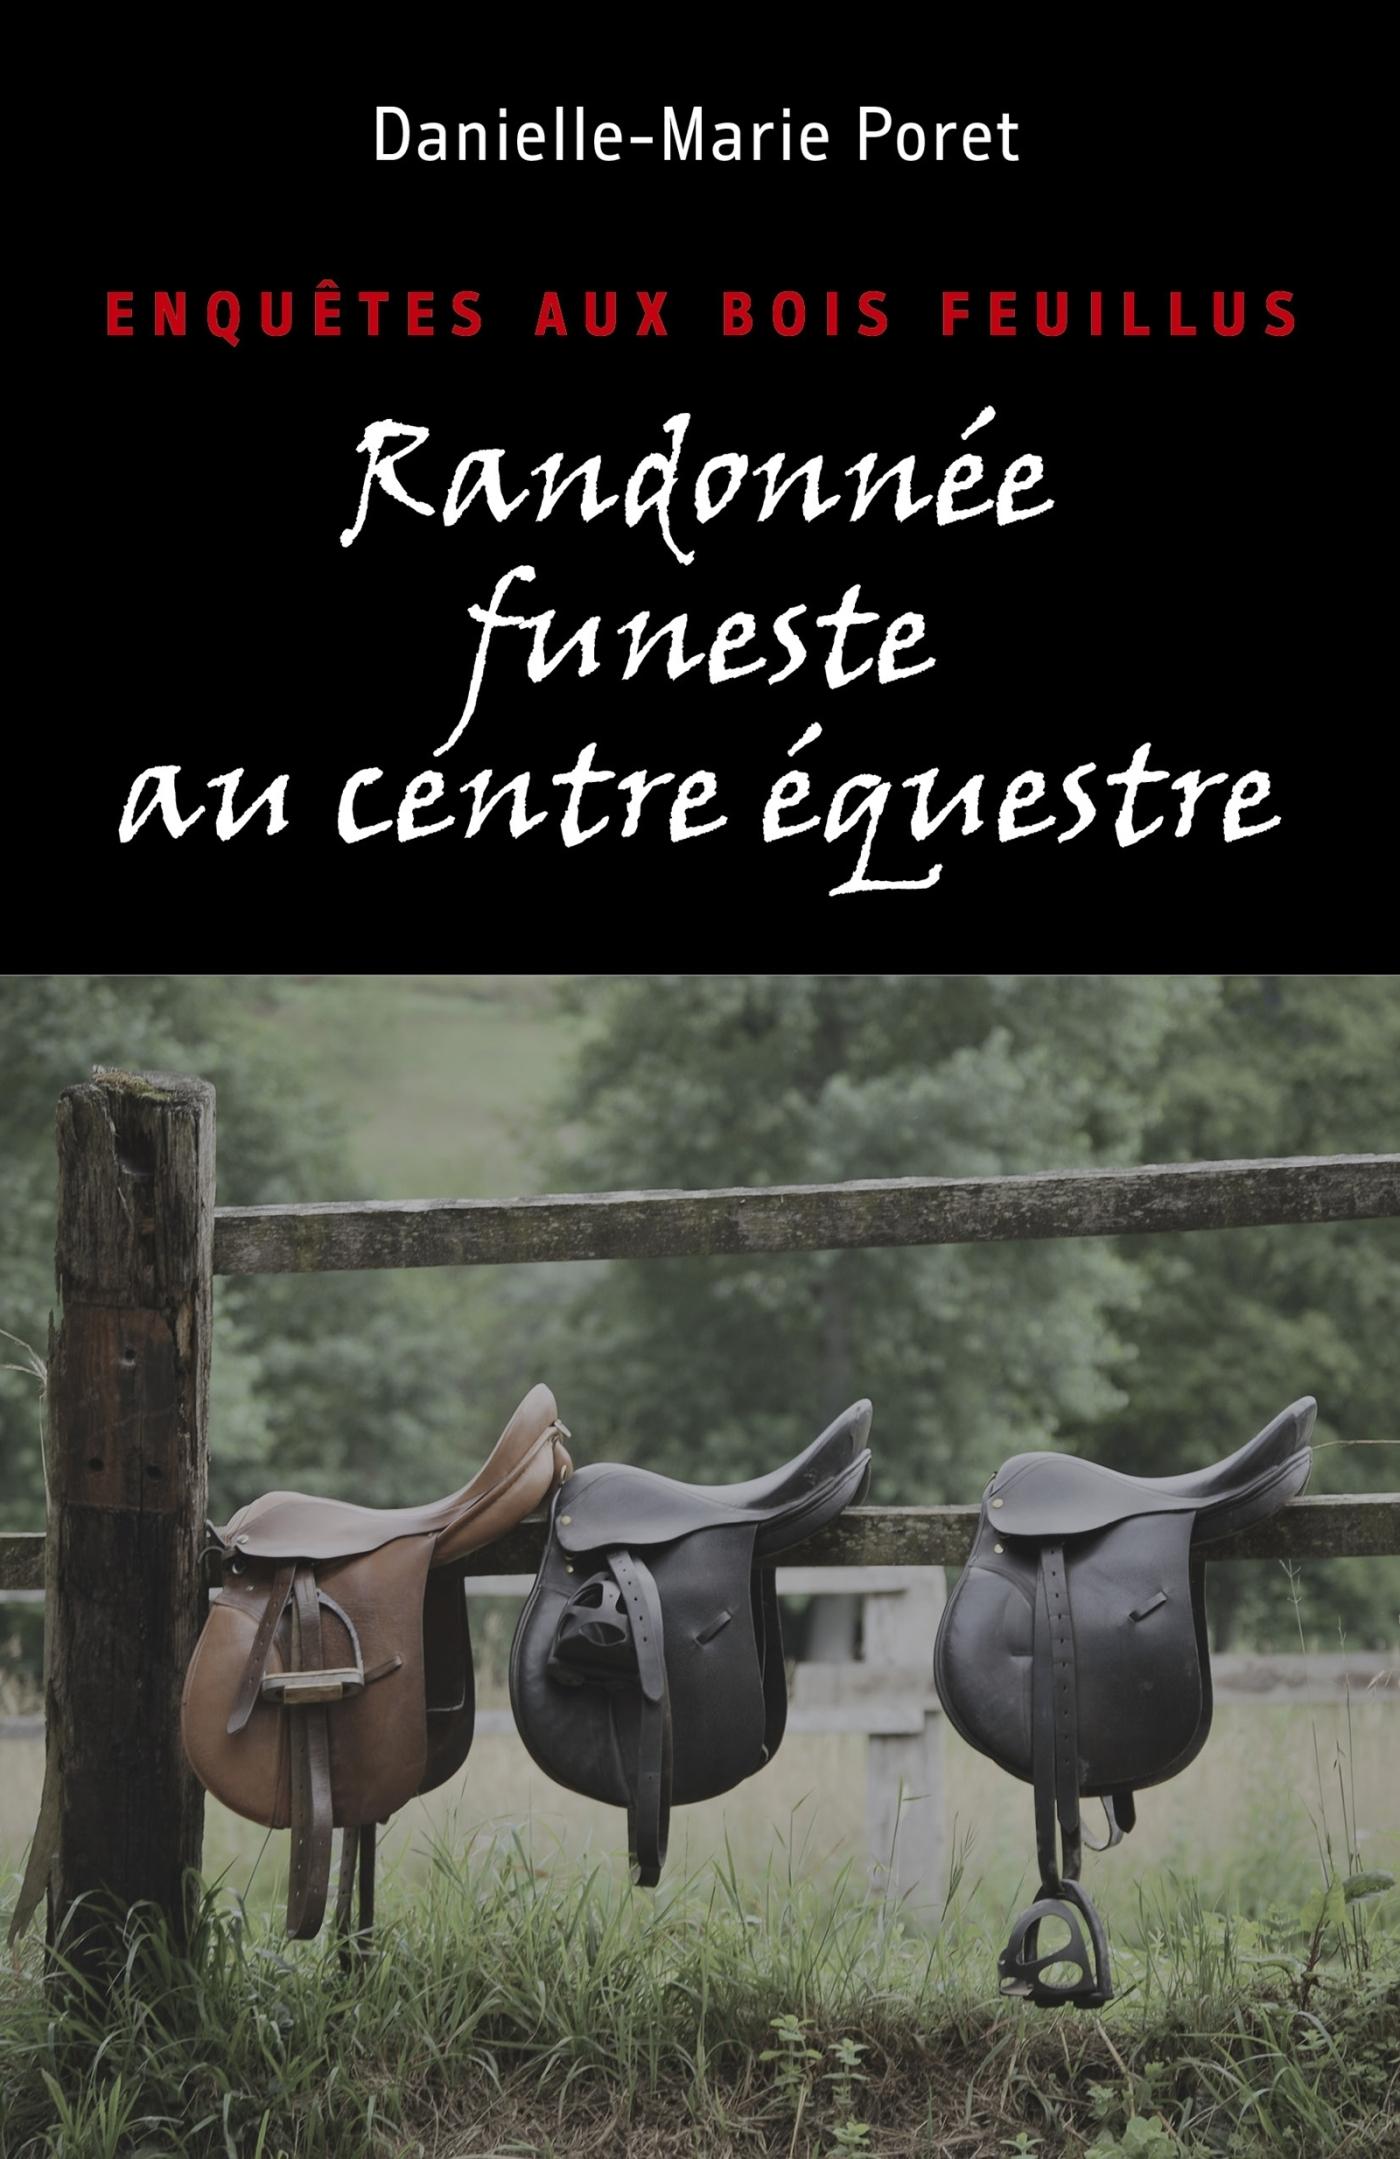 RANDONNEE FUNESTE AU CENTRE EQUESTRE - ENQUETES AUX BOIS FEUILLUS